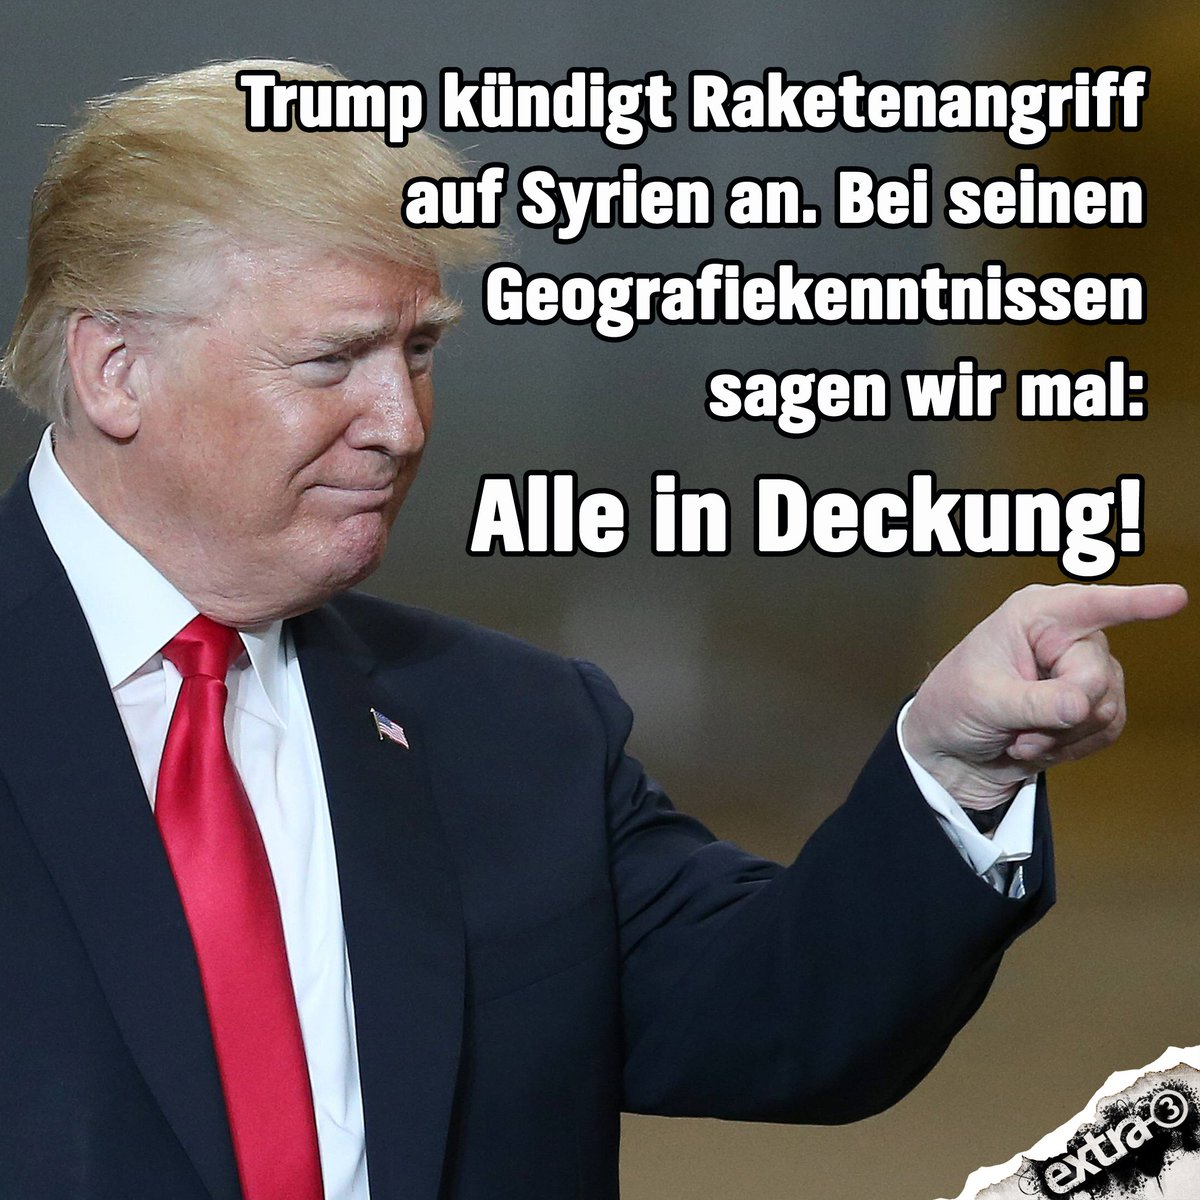 Wahrscheinlich versenkt er Sylt. #Trump #Syrien